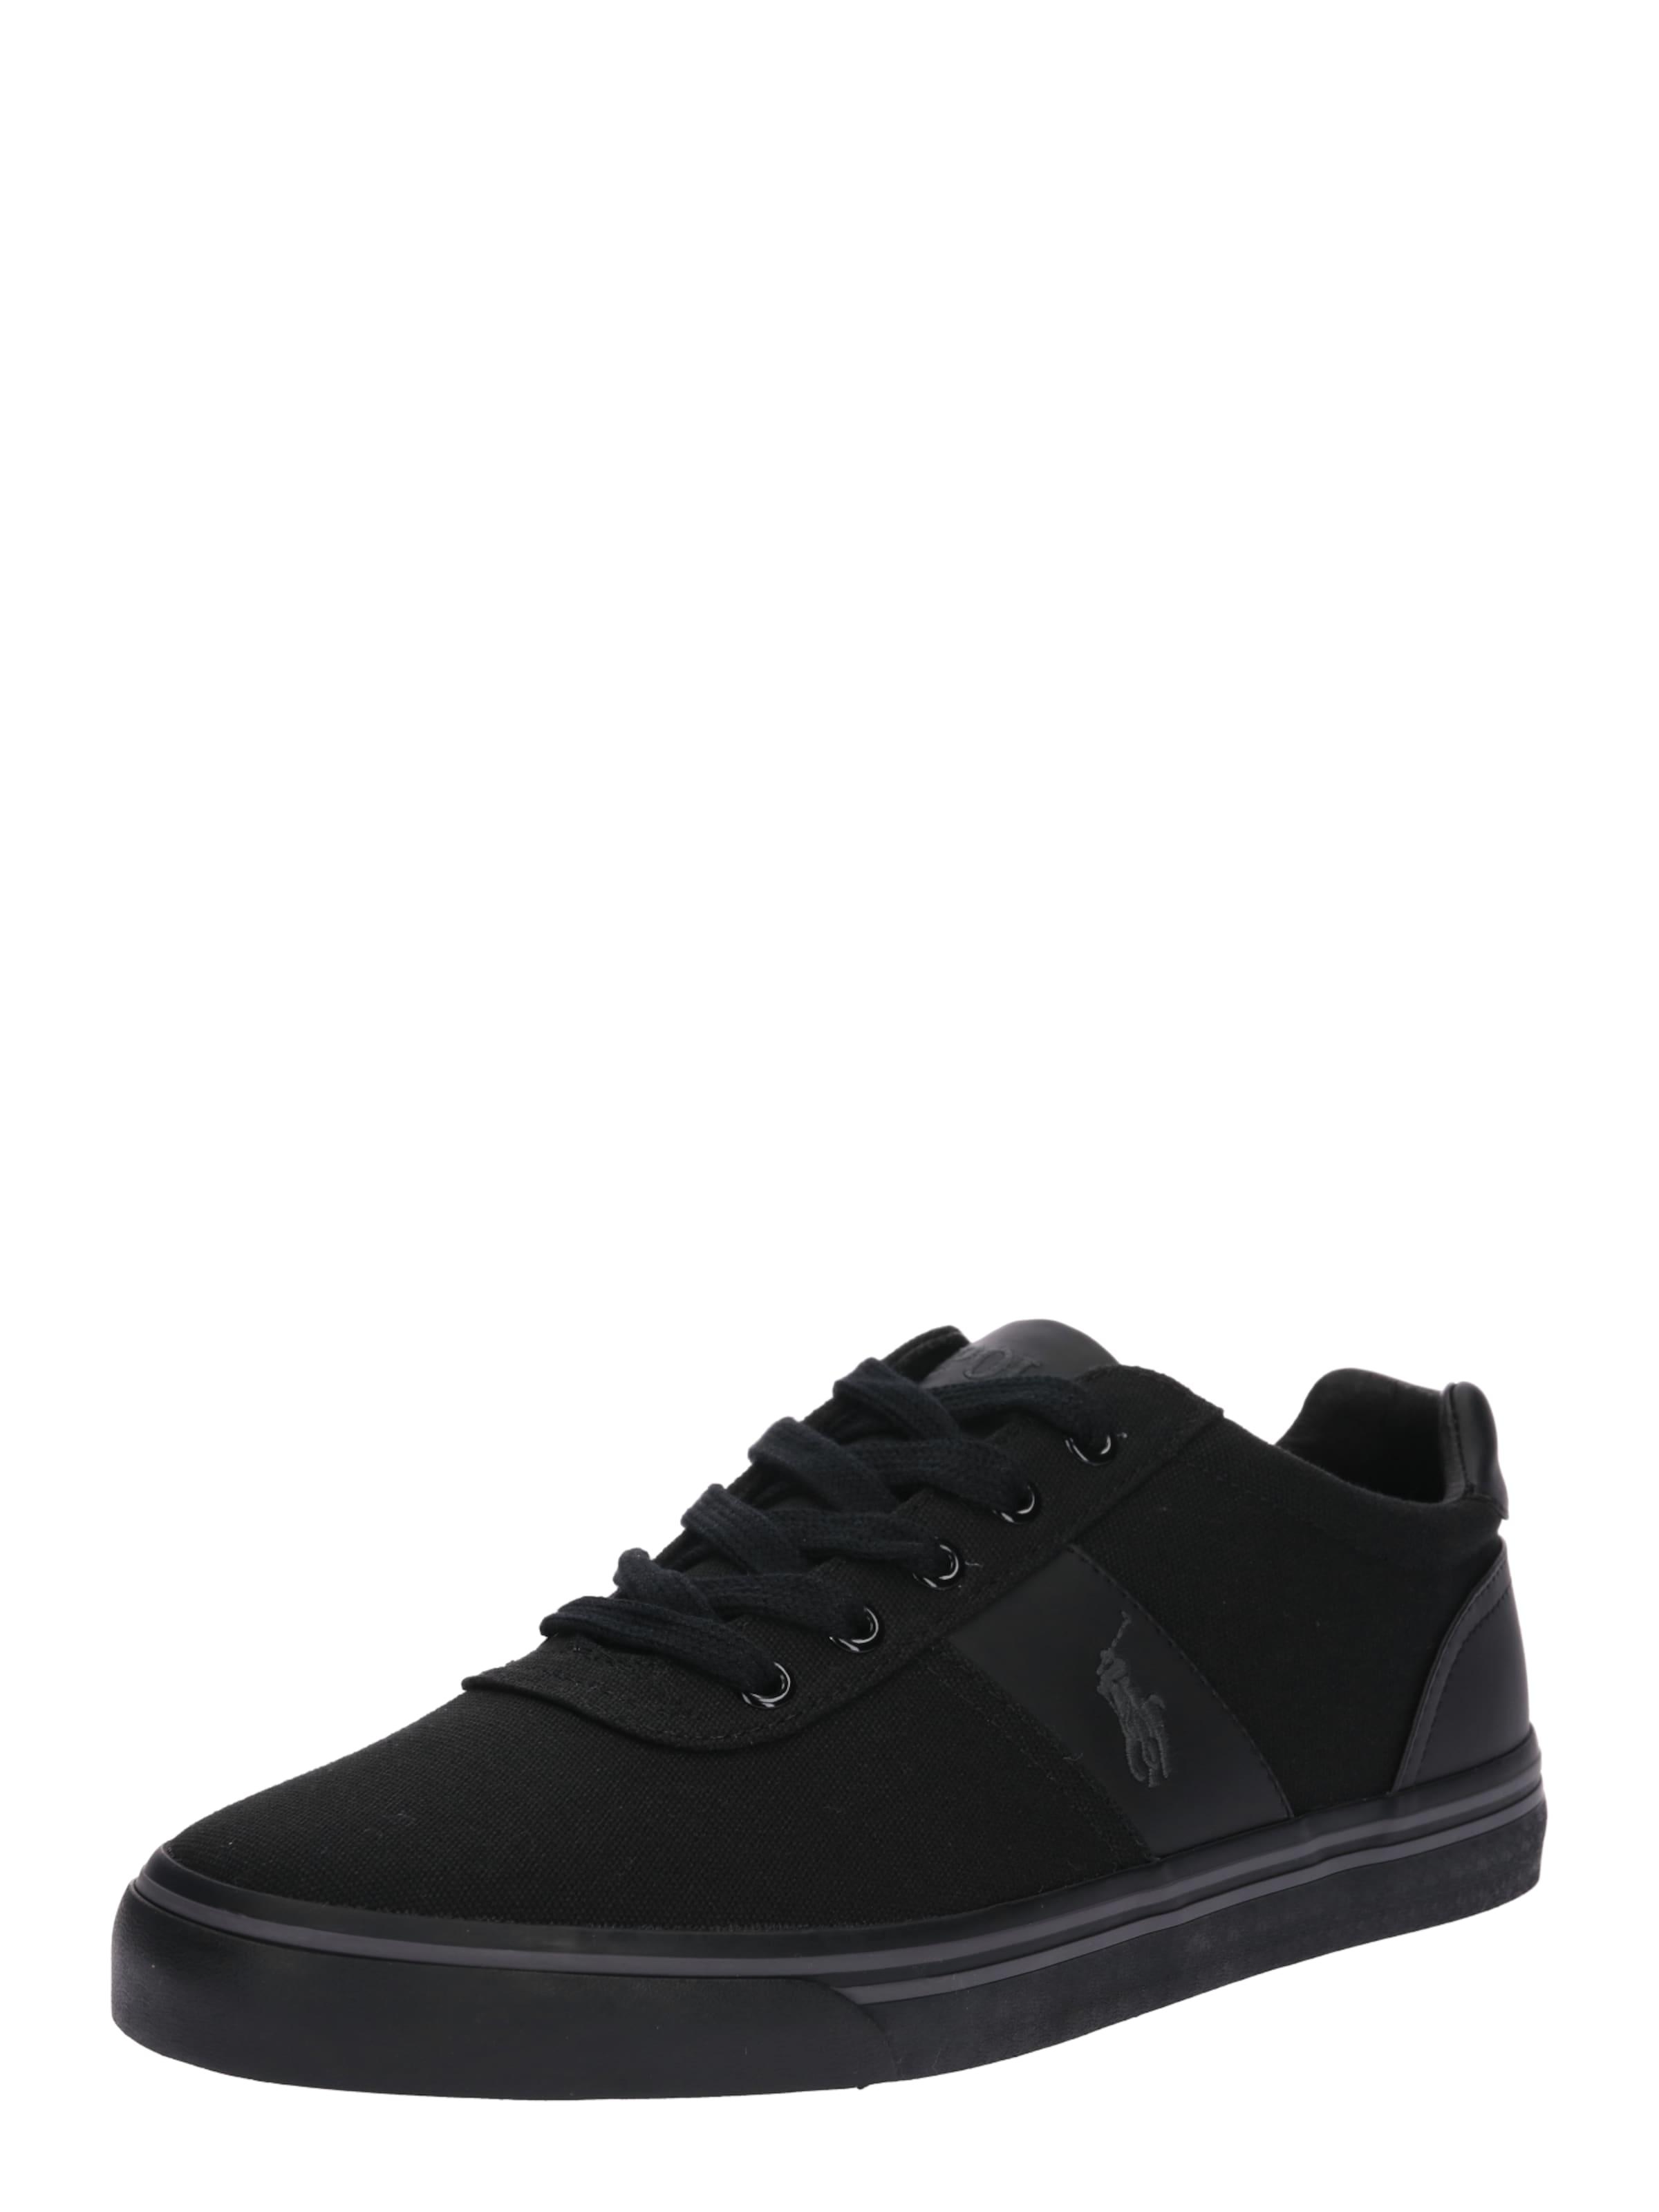 Polo In Ralph Lauren Dunkelgrau Sneaker 'hanford' wuPiZTOXk